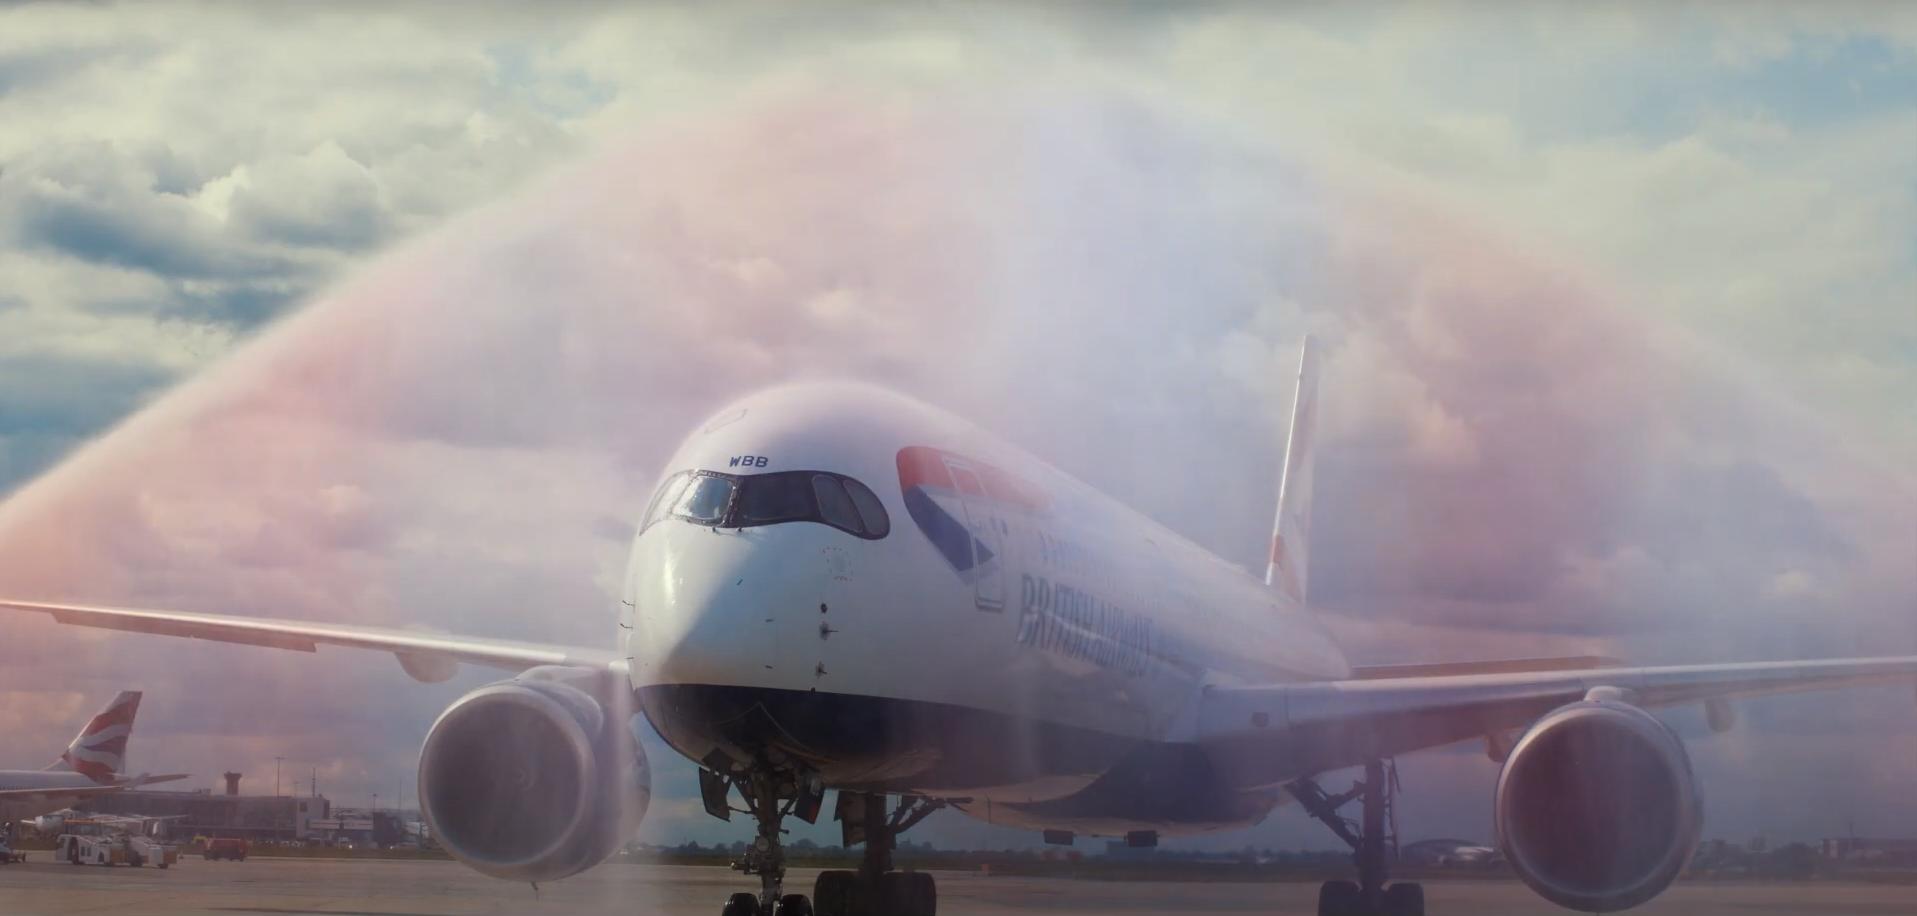 British Airways, Airbus A350, Flagship Aircraft